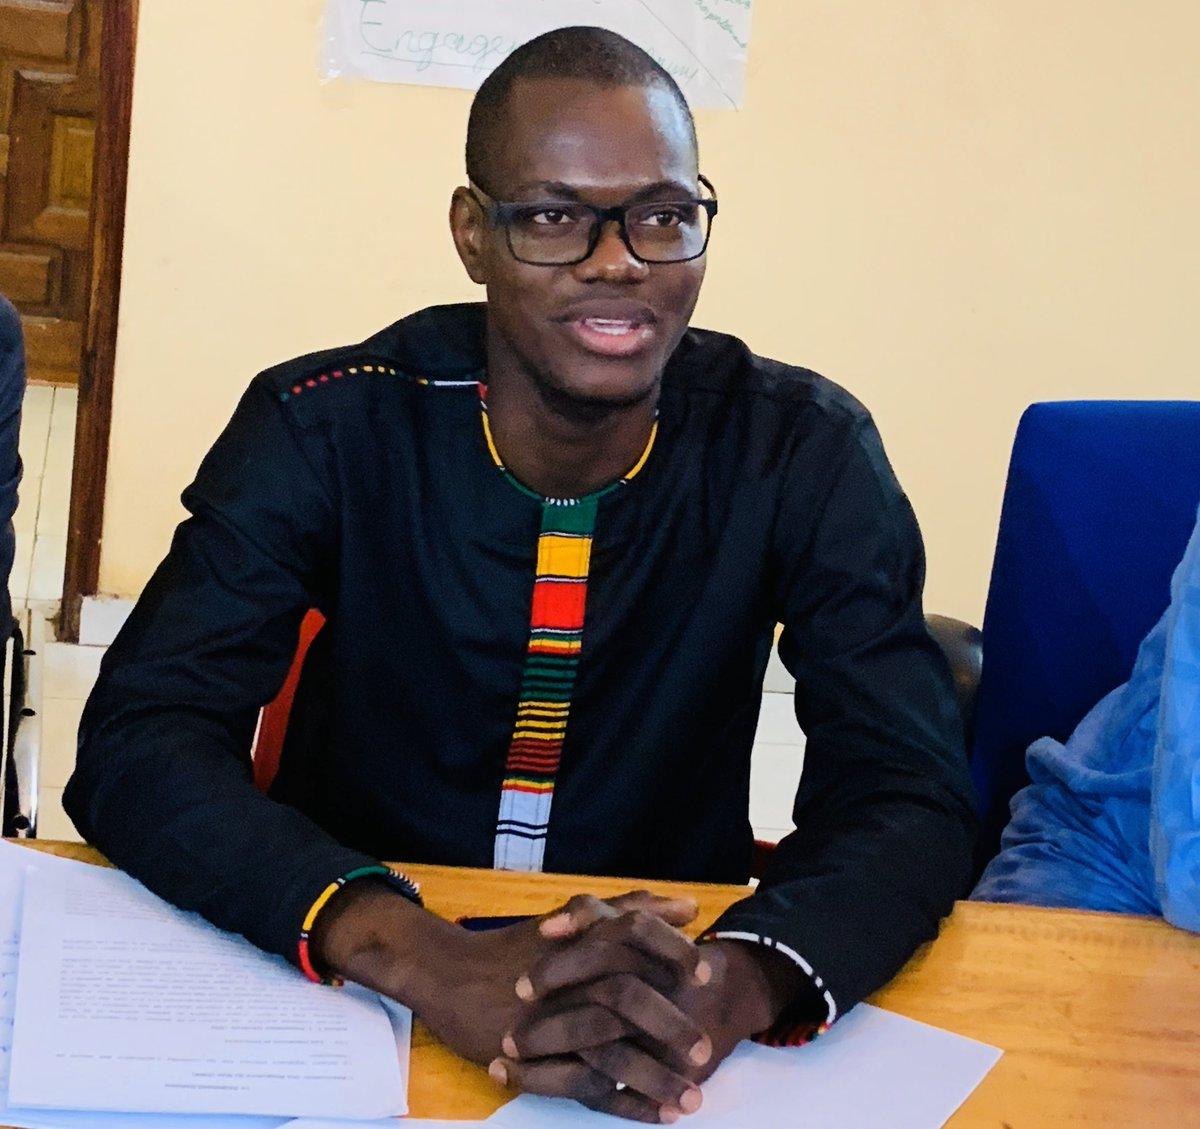 A l'issue de l'Assemblée Générale élective de l'Association des Blogueurs du Mali, j'ai été élu Président pour un mandat de 2 ans, à la tête d'un bureau de 11 membres. Je tiens à remercier l'ensemble des membres de l'#ABM pour la confiance. 1/6#FuturPR #MAK